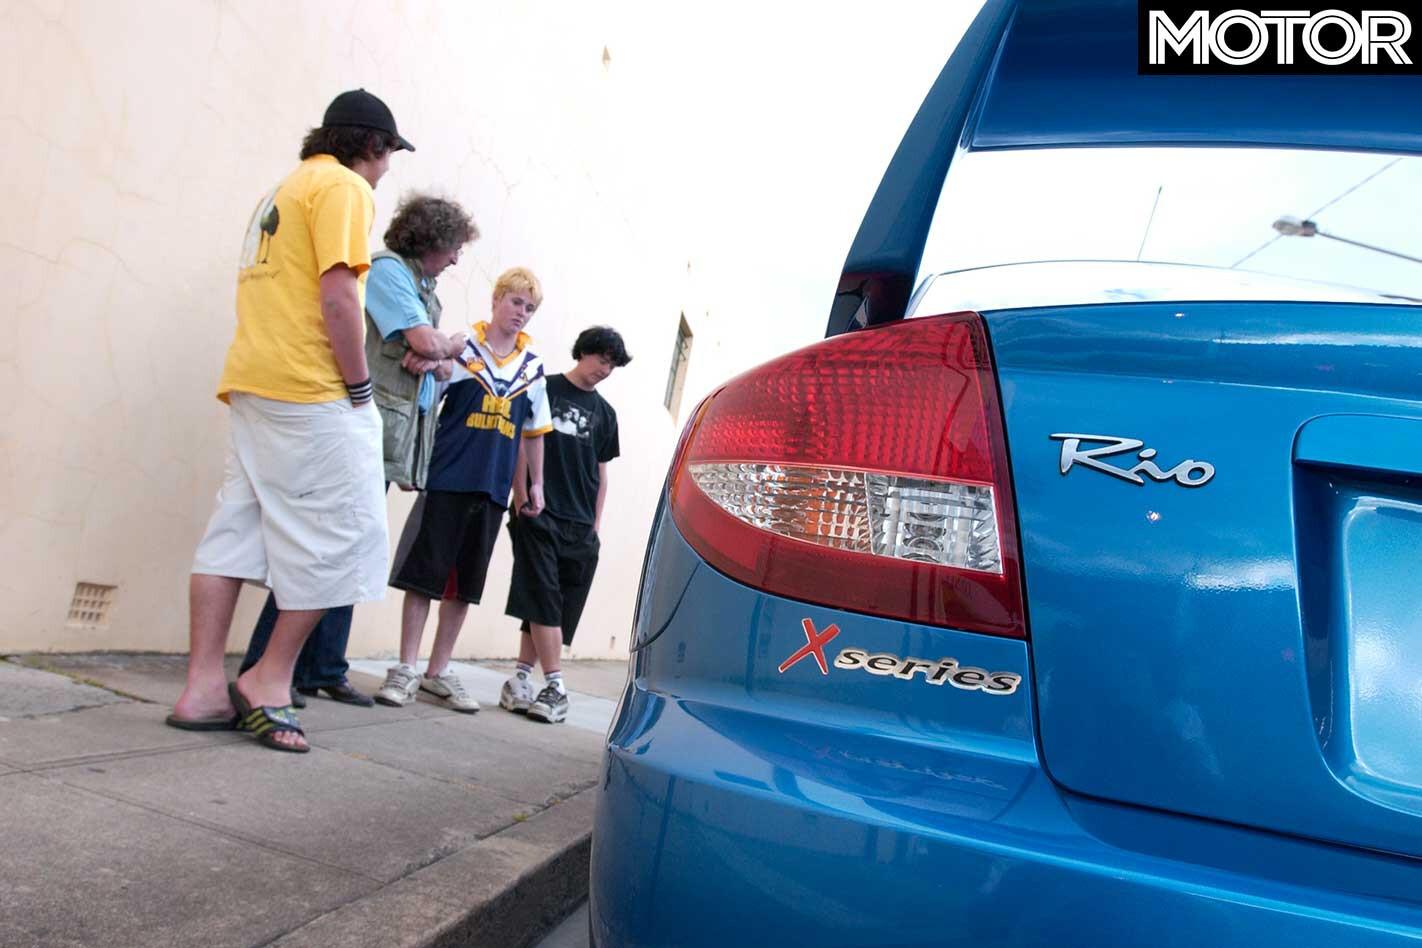 2005 Kia Rio Rear Jpg